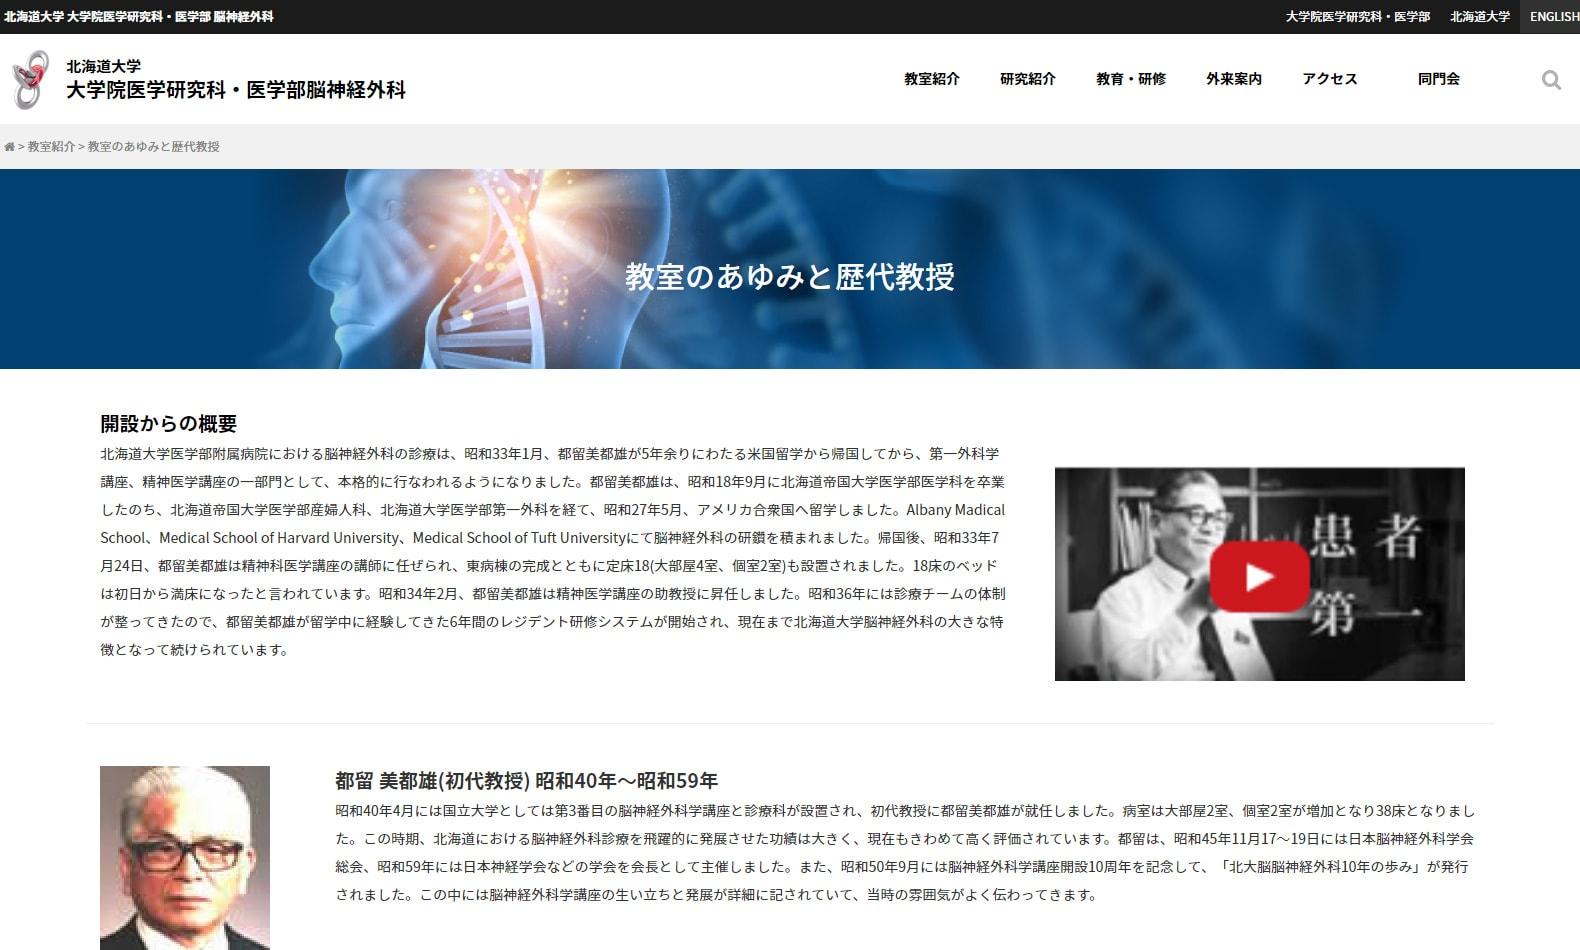 北海道大学 大学院医学研究科・医学部 脳神経外科